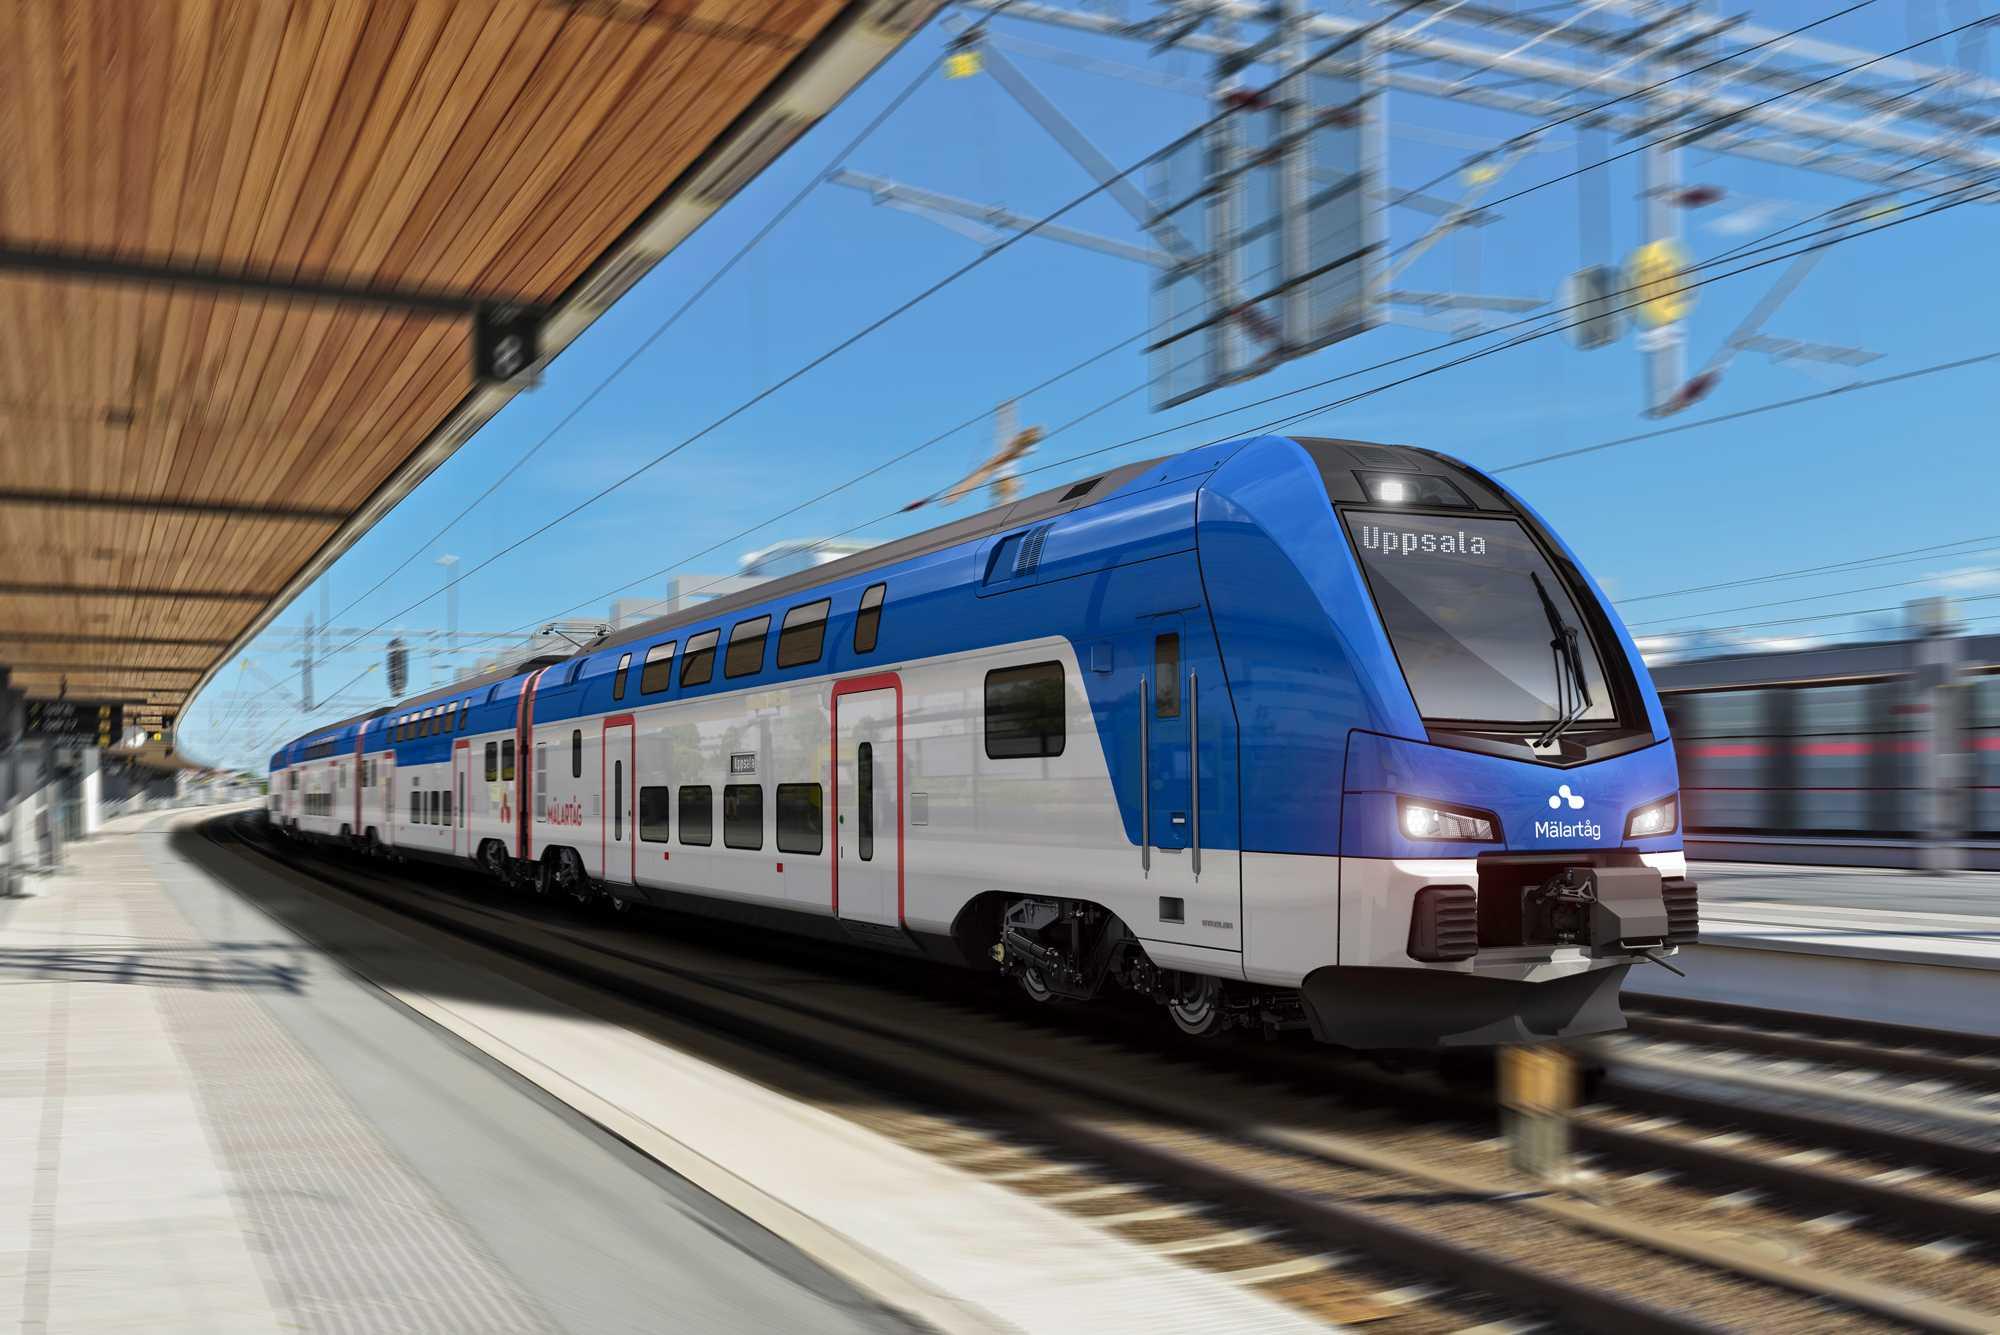 EIB funding agreement for the new Mälartåg EMUs